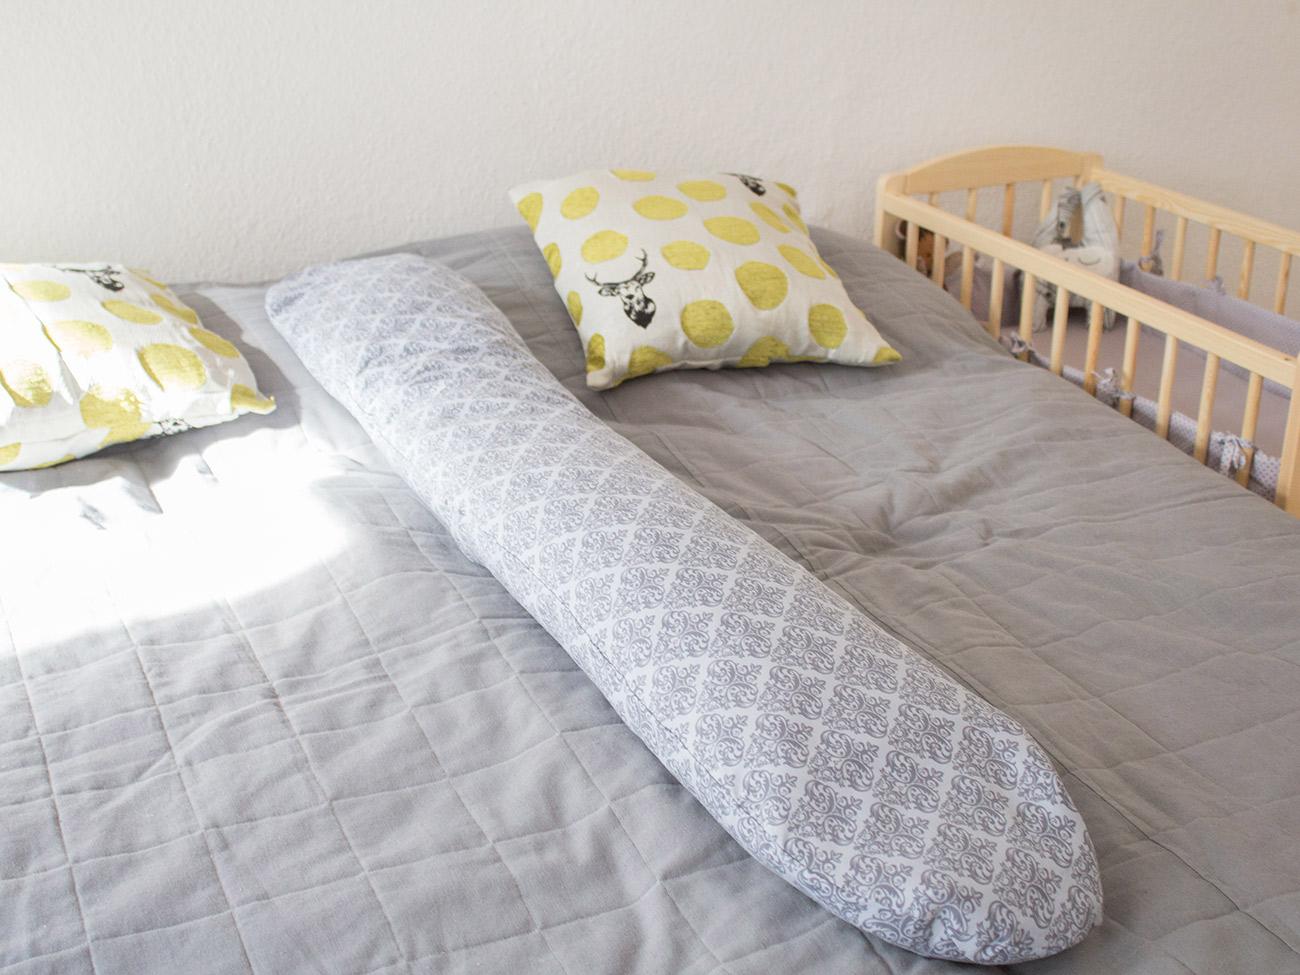 kostenlose n hanleitung stillkissen mit wechselbarem. Black Bedroom Furniture Sets. Home Design Ideas